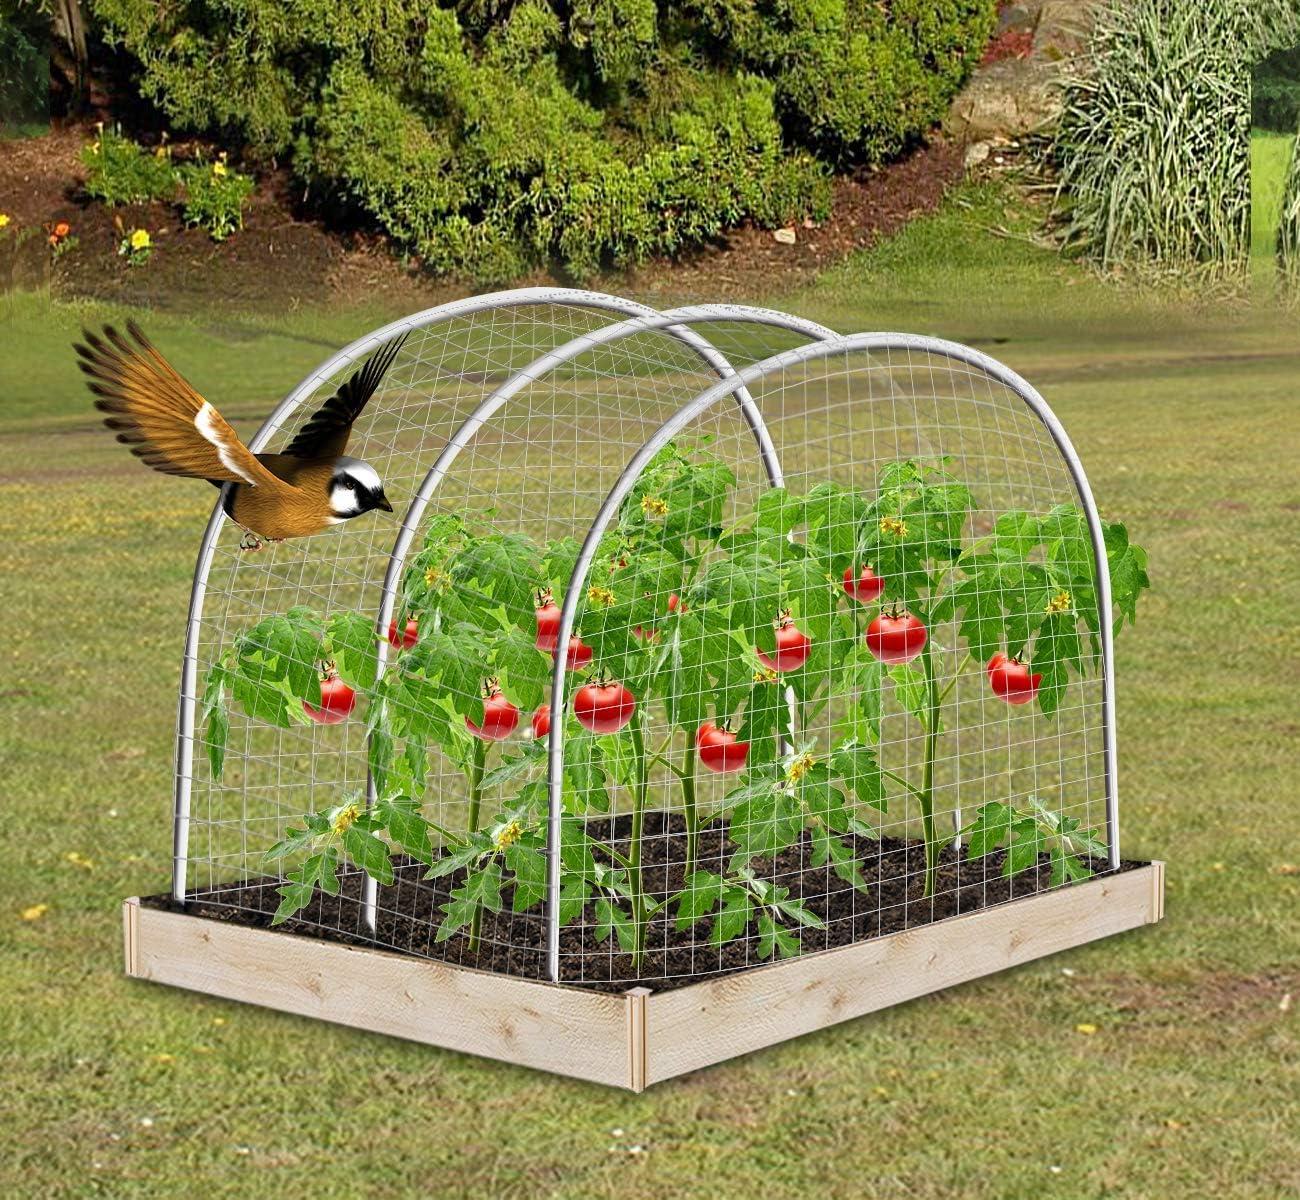 Agfabric Anti Bird Protection Net Fruit Vegetables Flower Garden Pond Netting Bird Catching Net 6x36ft Balck